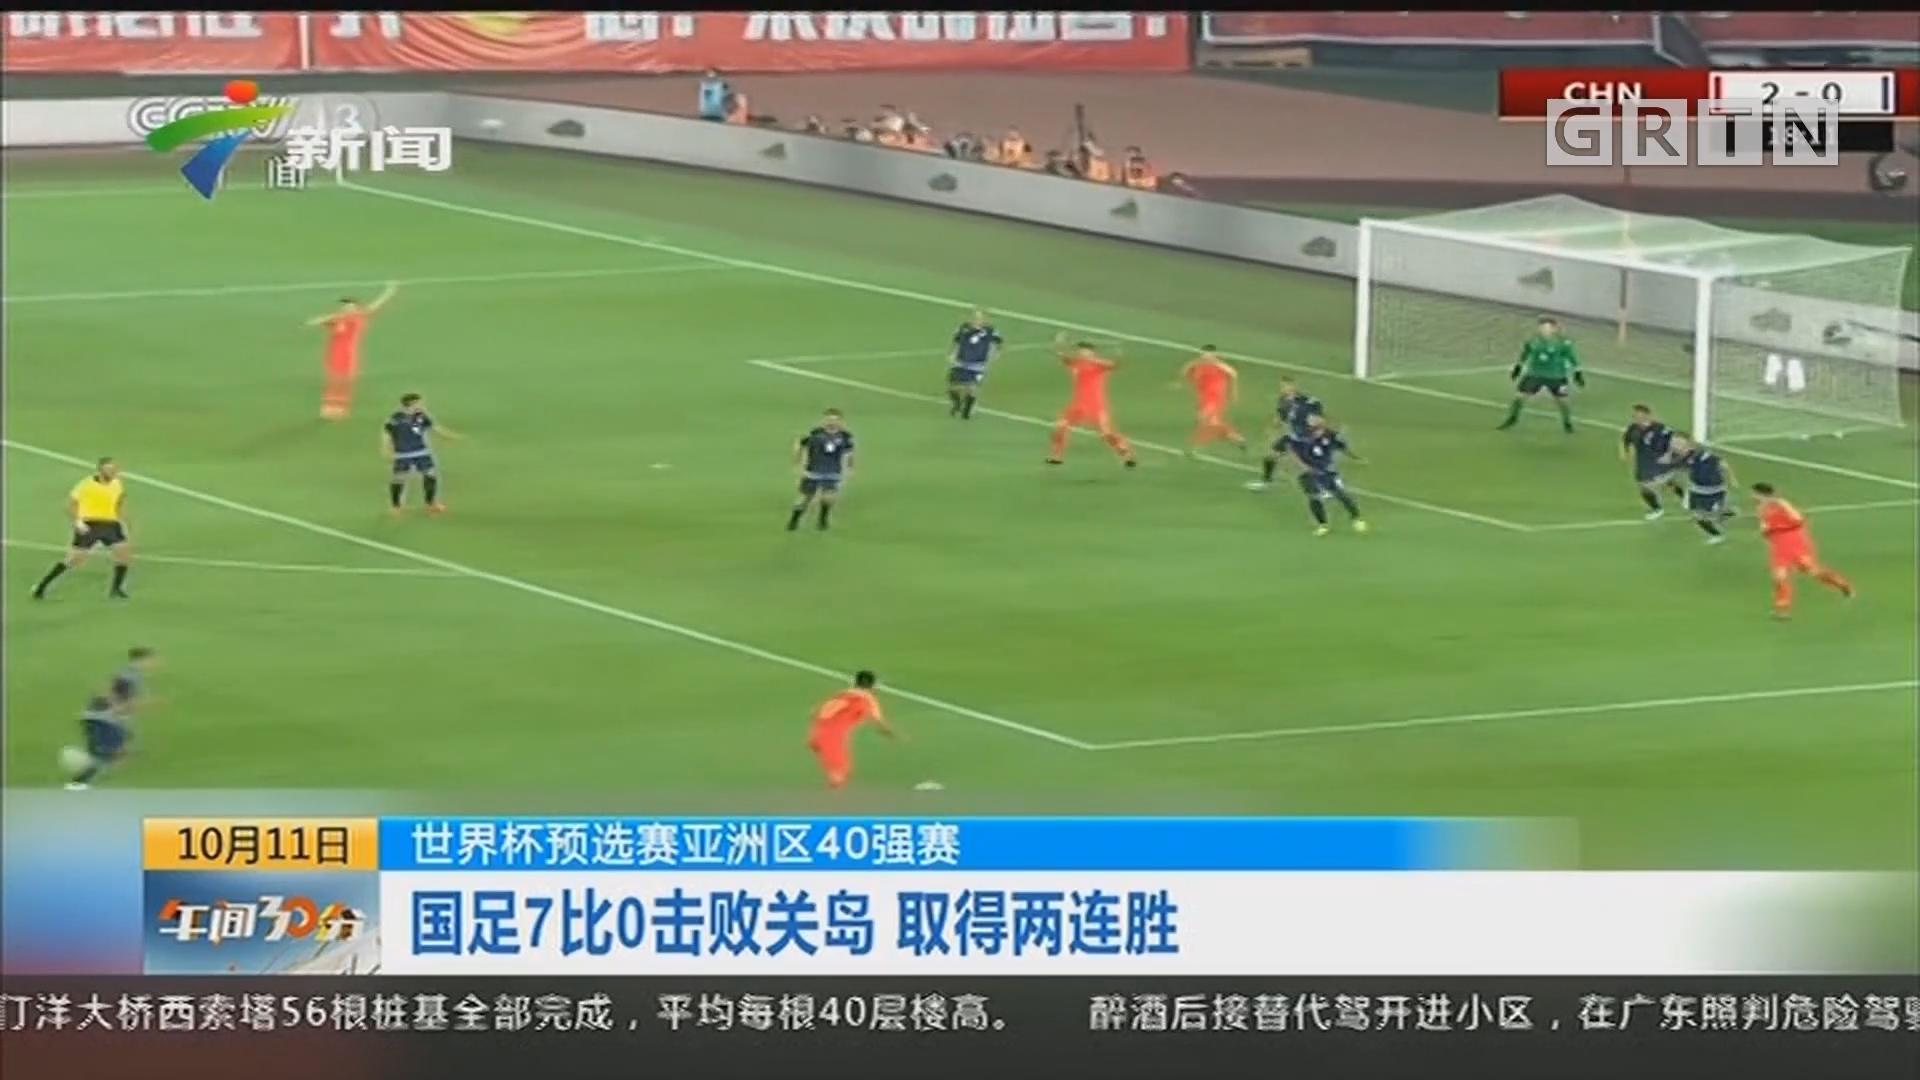 世界杯预选赛亚洲区40强赛:国足7比0击败关岛 取得两连胜